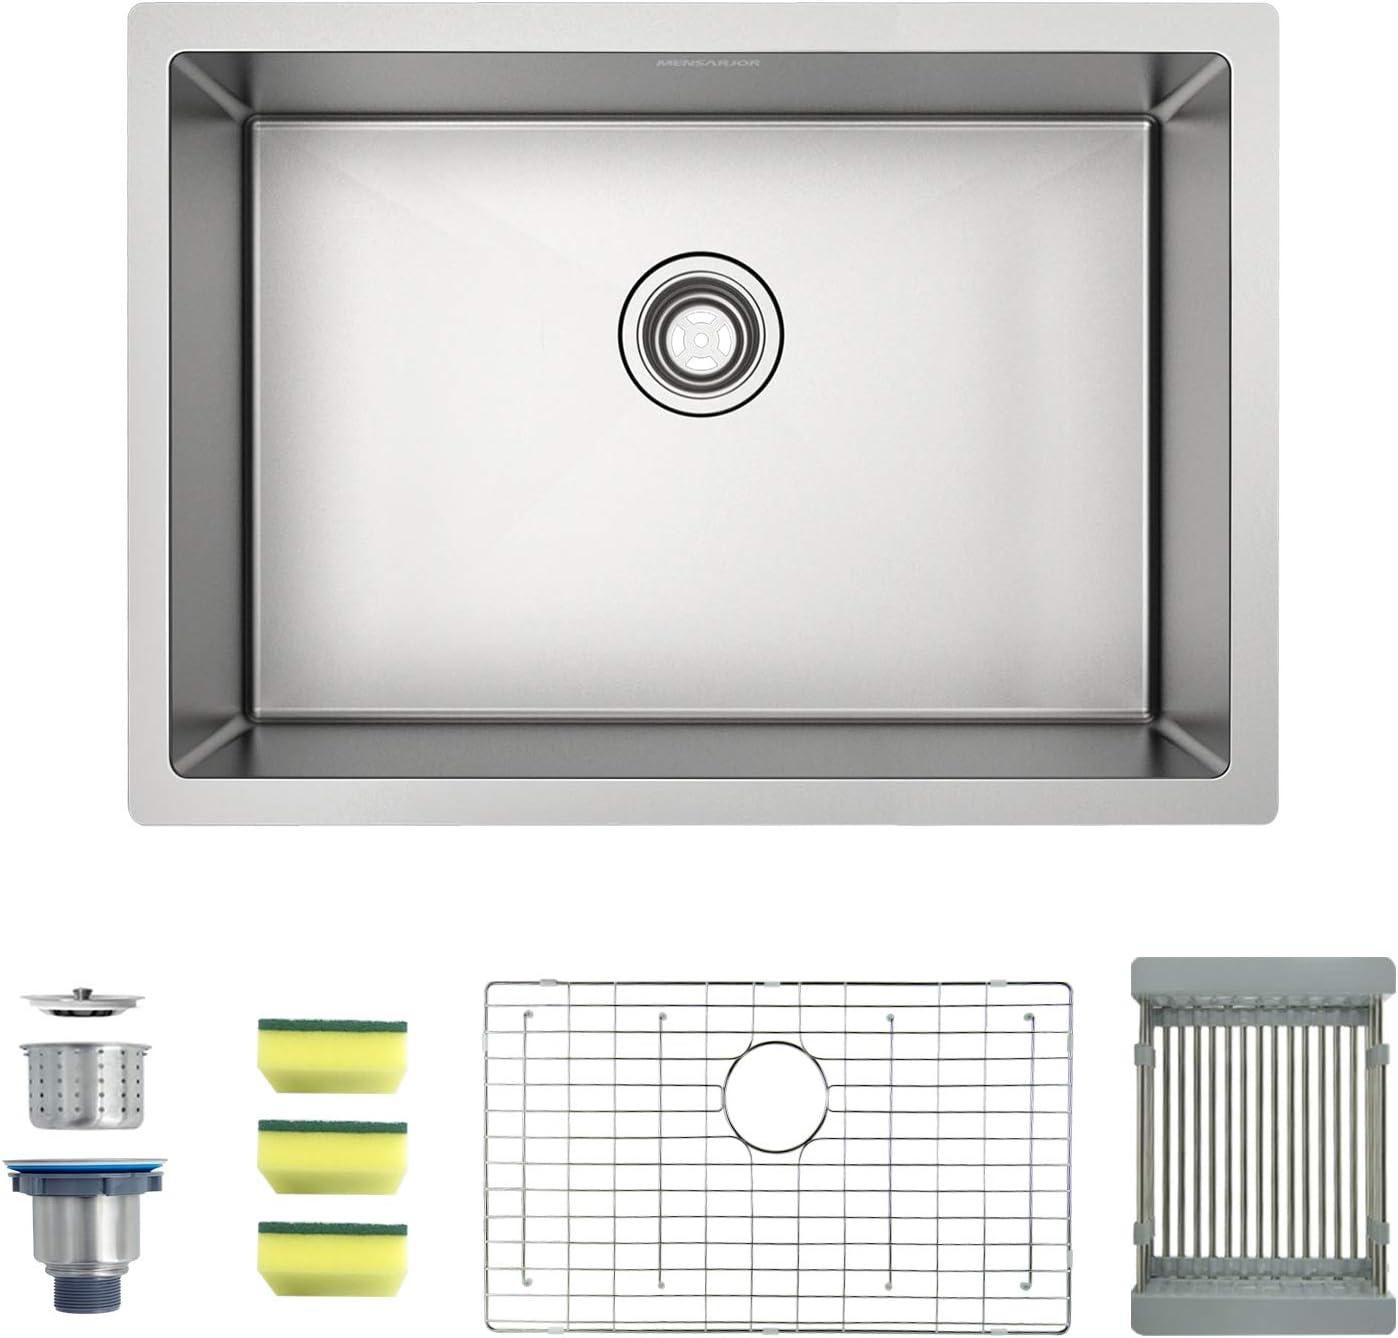 """MENSEAJOR 27"""" x 18"""" Single Bowl Kitchen Sink Undermount Stainless Steel Kitchen Sink, Bar or Prep Kitchen sink"""